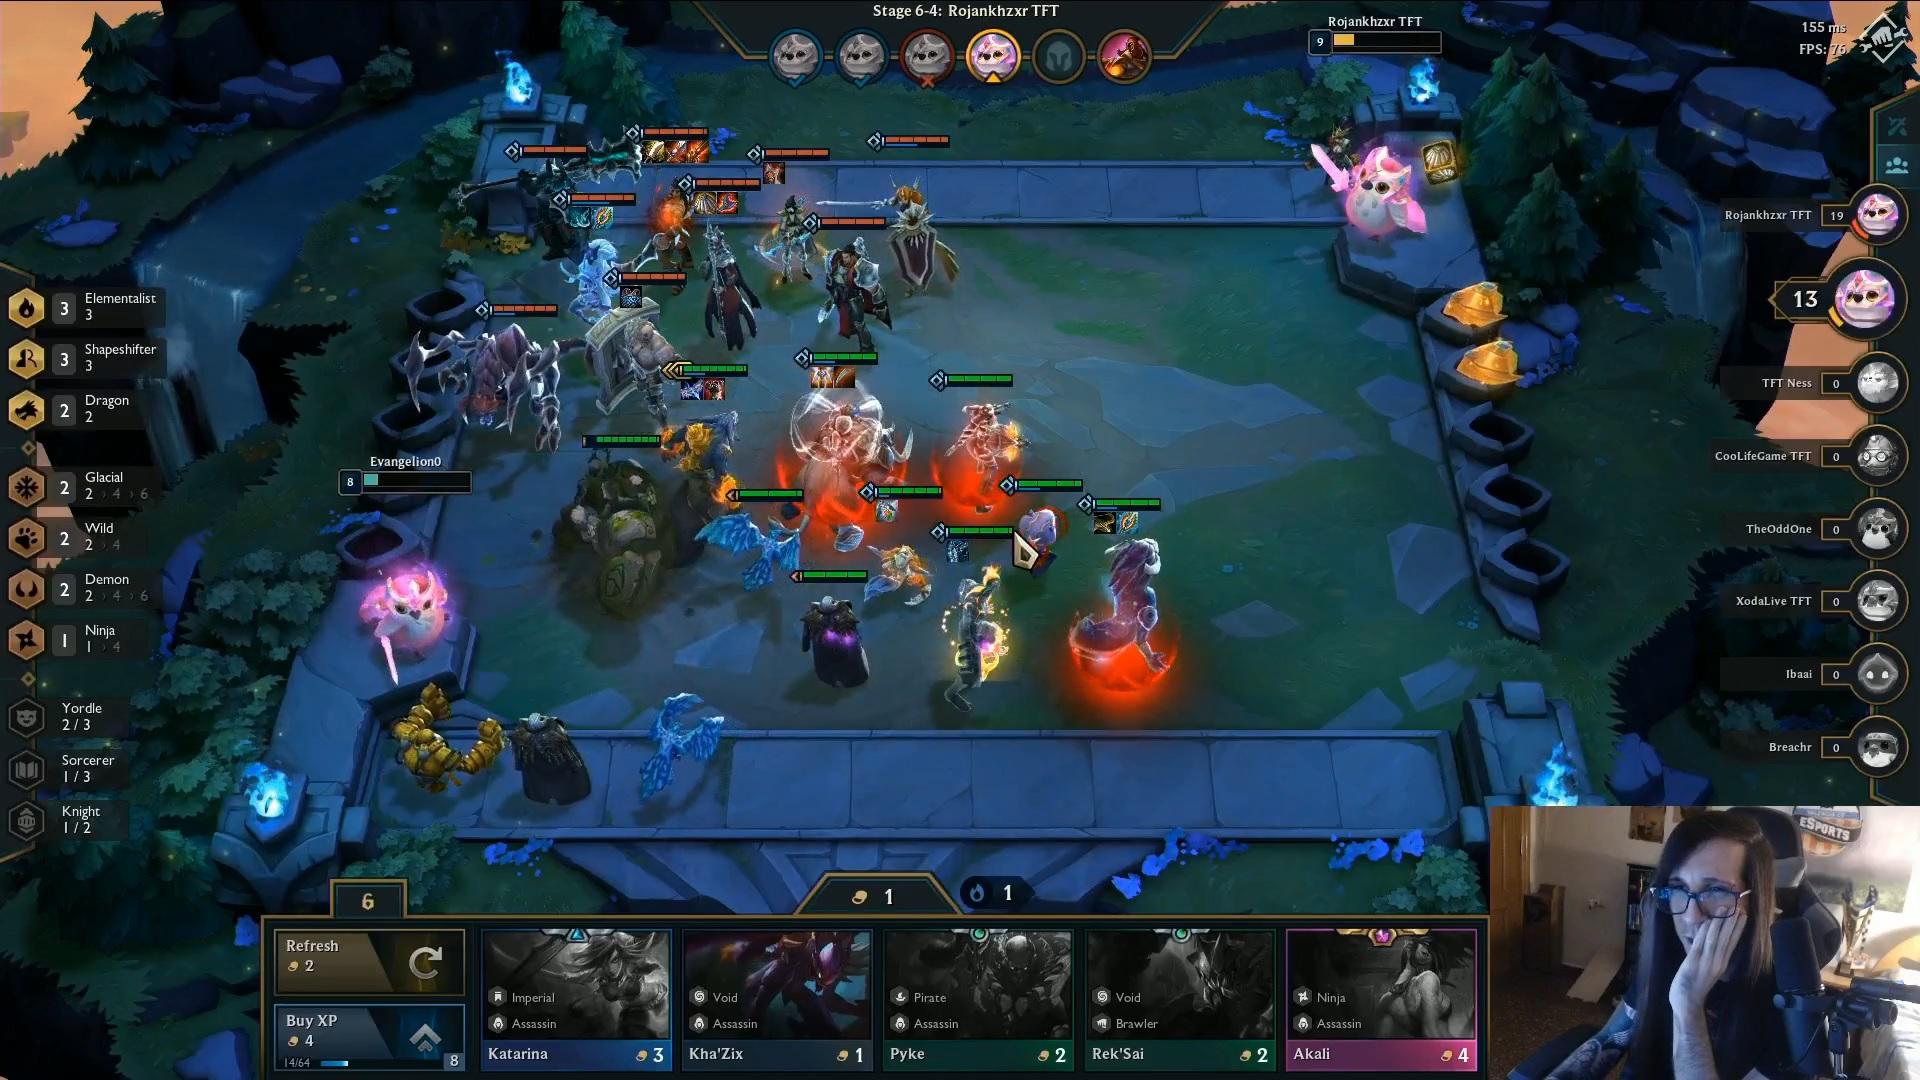 Teamfight Tactics Twitch Rivals Evangelion Rojankhzxr